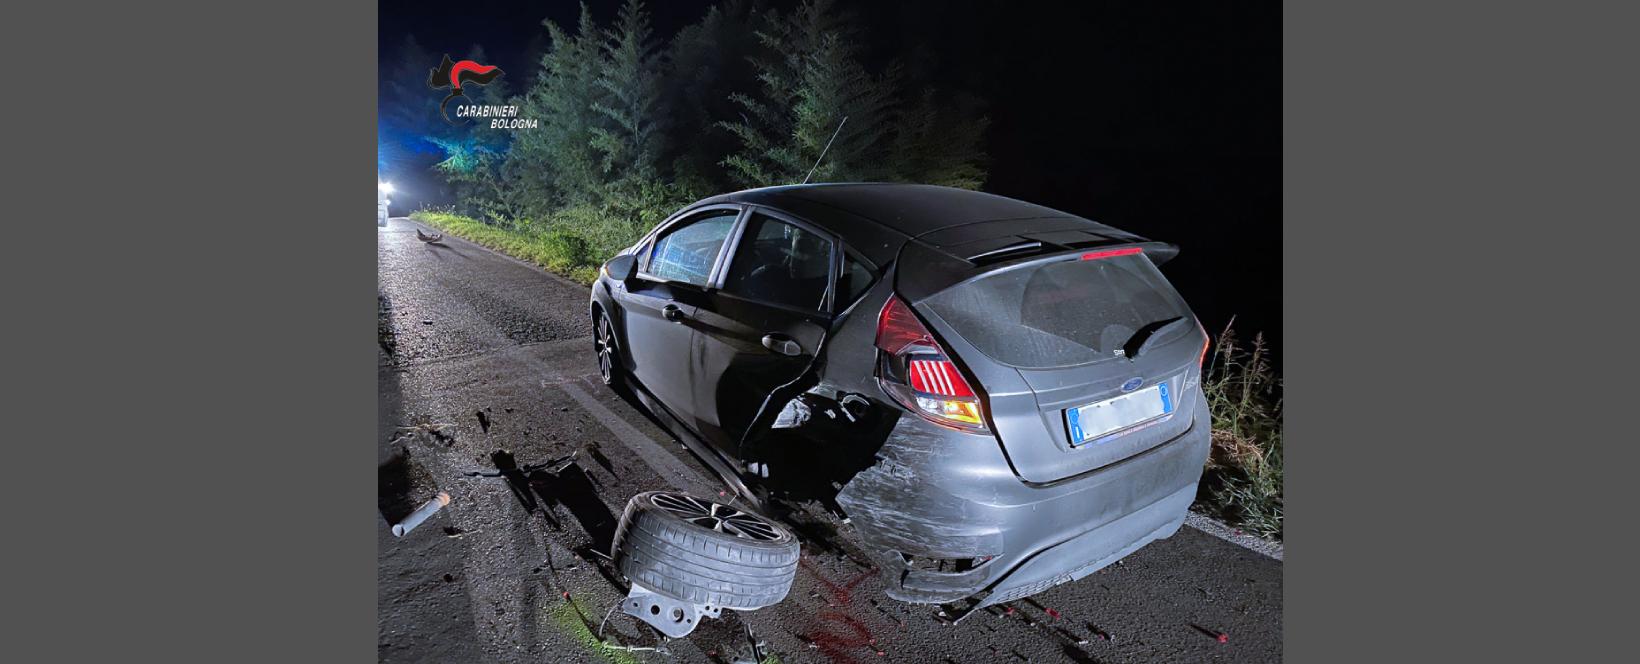 Ubriaco e senza patente sfugge all'alt dei Carabinieri e tampona un automobilista: arrestato un 32enne italiano